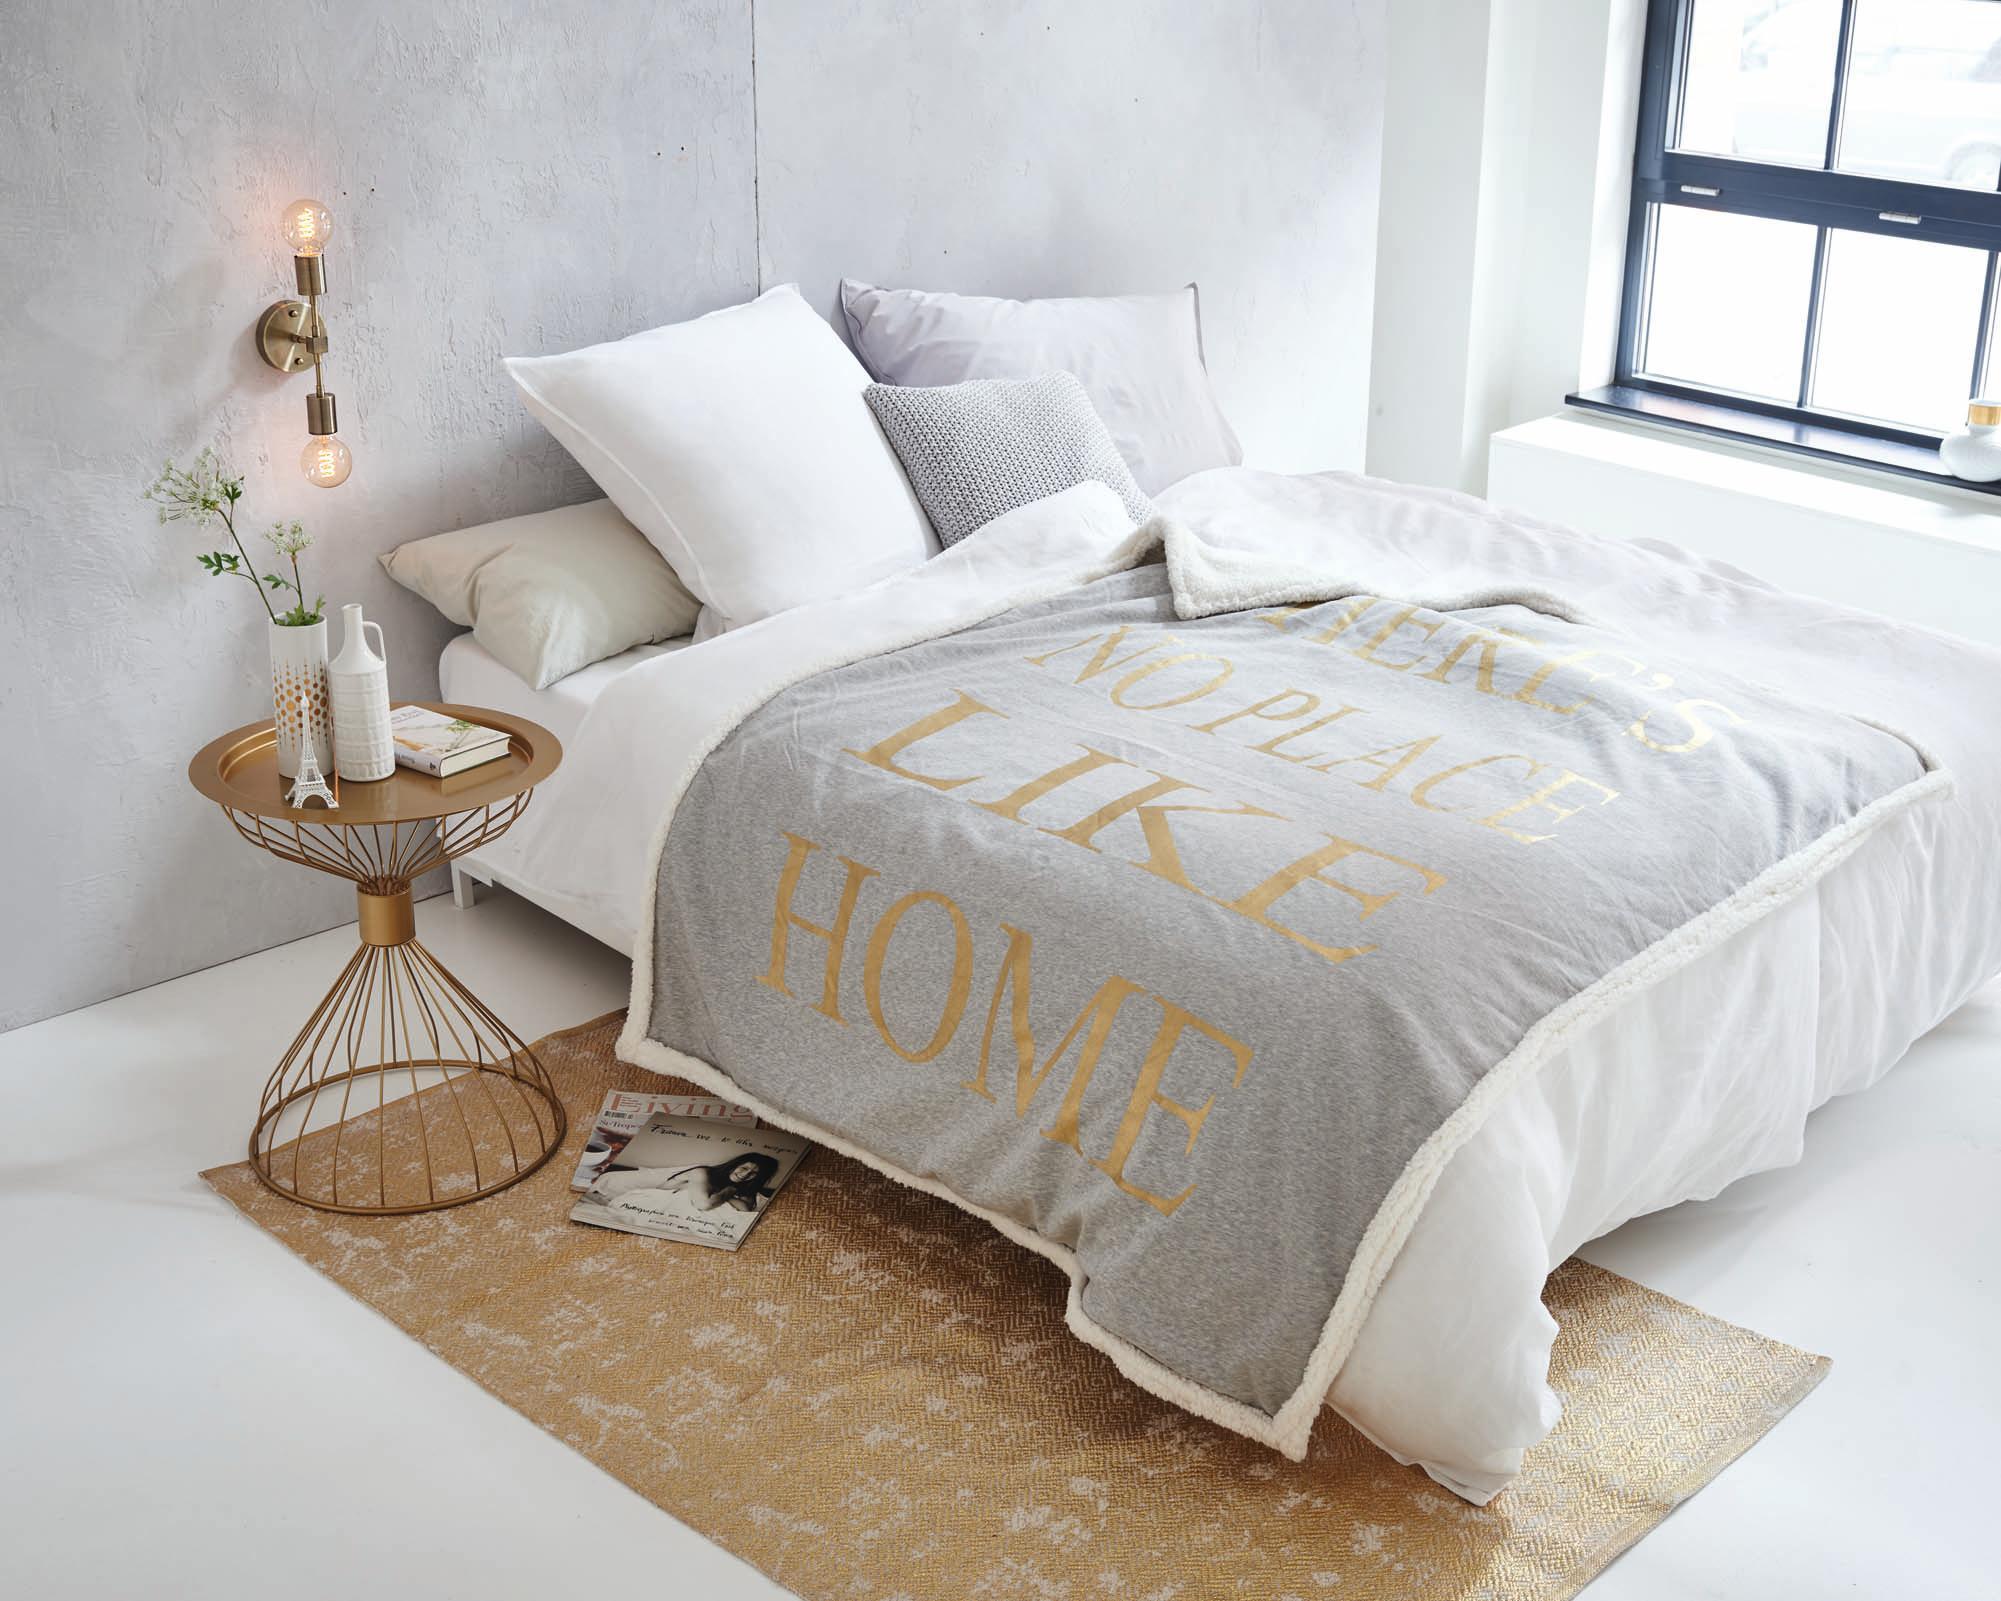 bettw sche mit statement bett teppich bettw sche. Black Bedroom Furniture Sets. Home Design Ideas